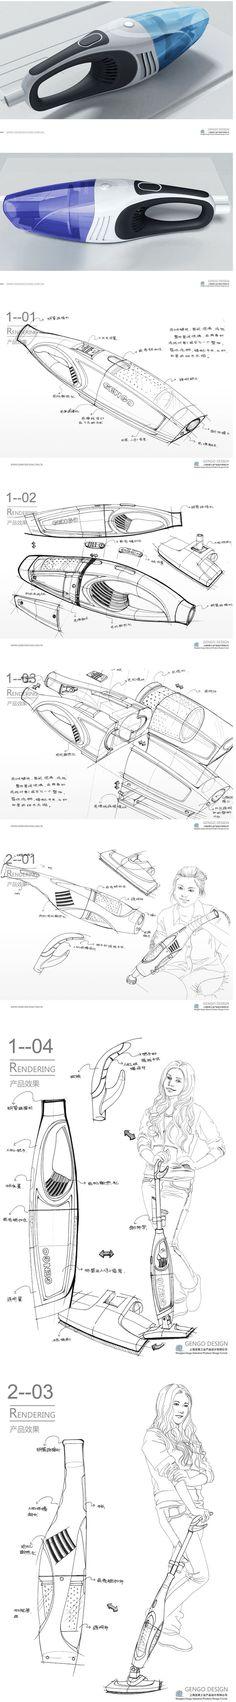 手持式吸尘器设计项目|电子产品|工业/产...